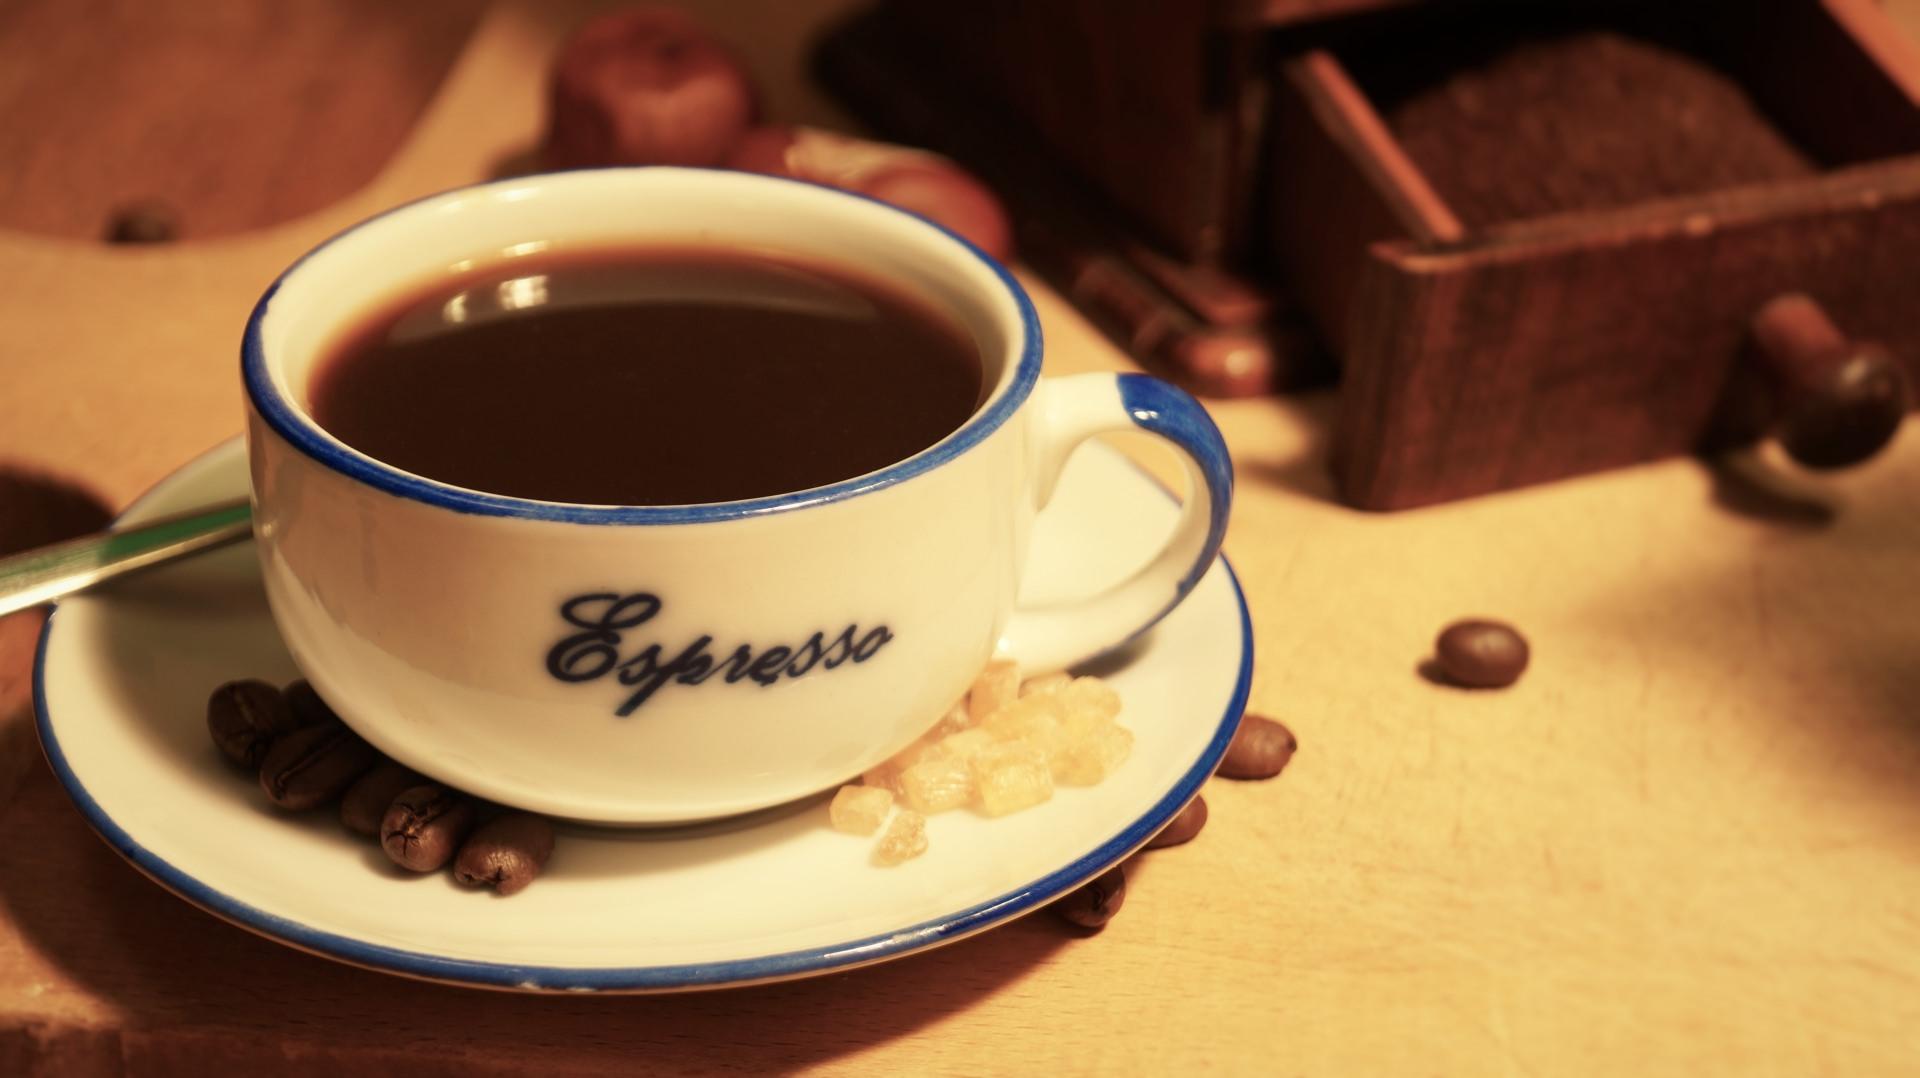 hình ảnh 2 ly cà phê